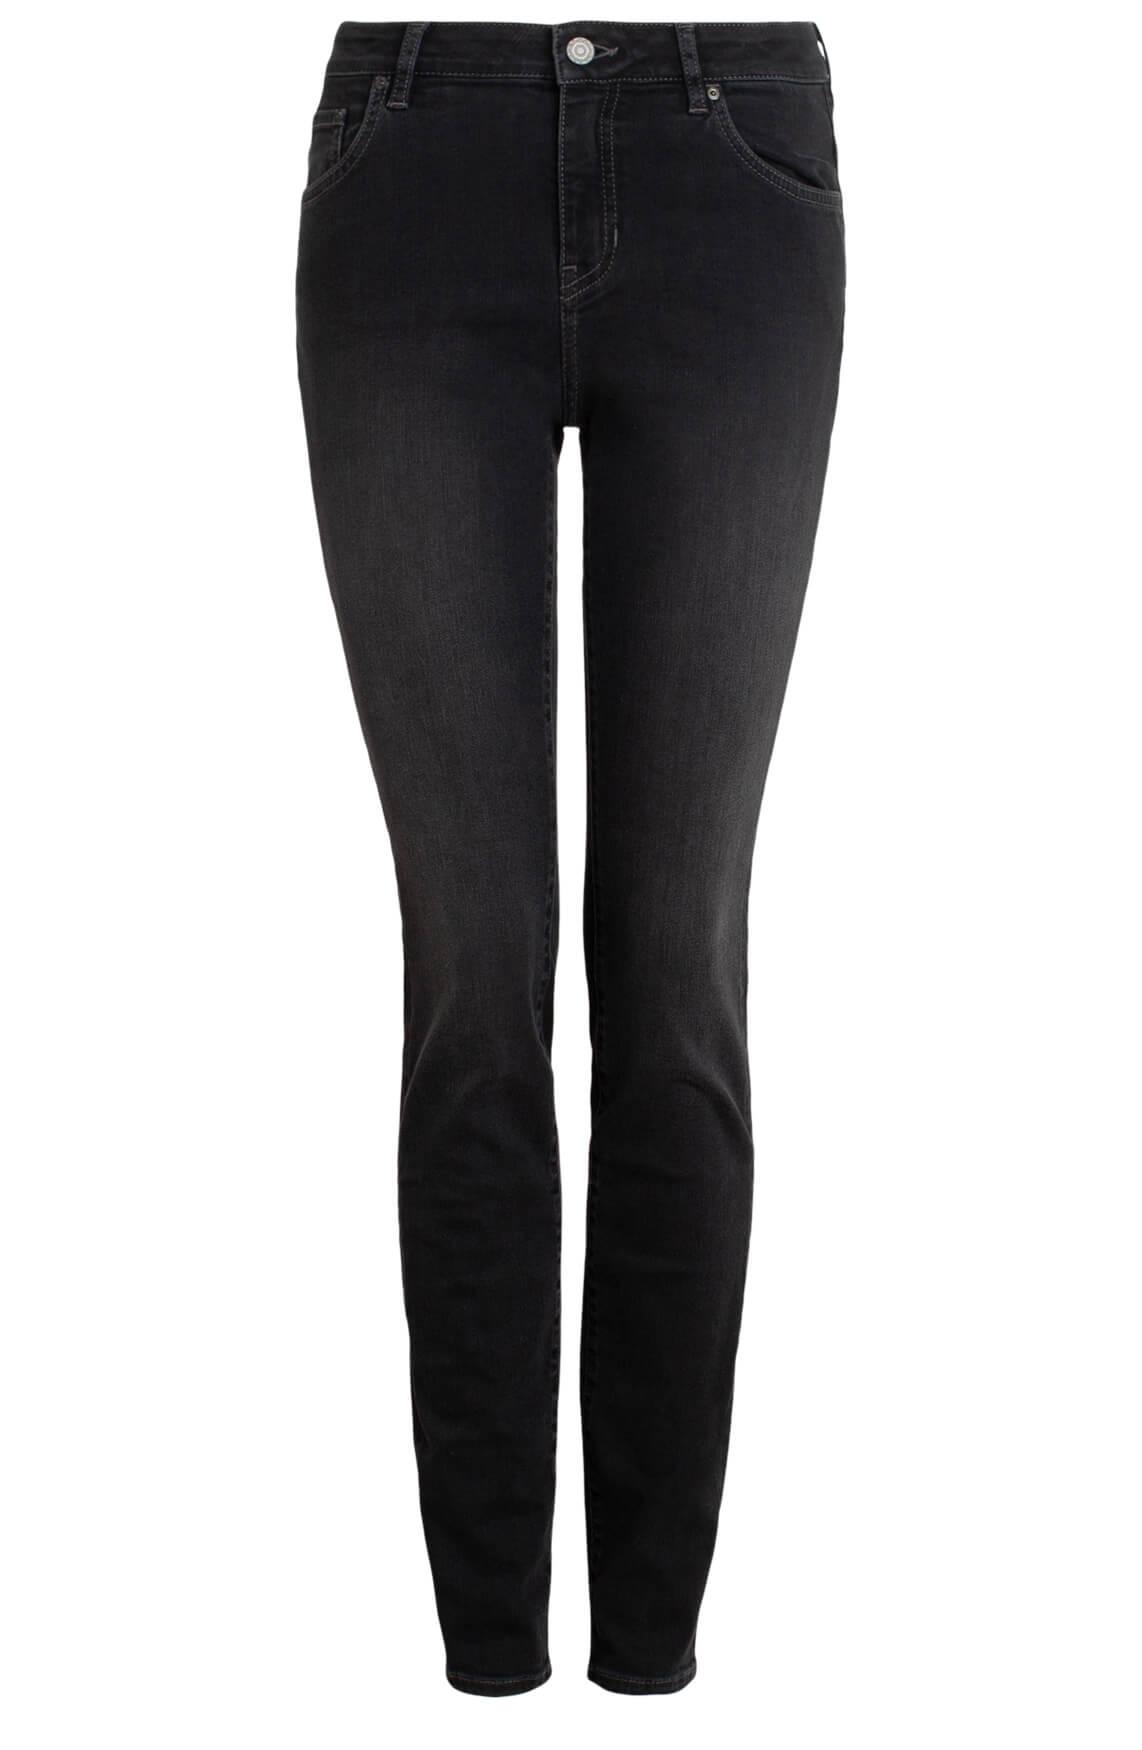 Rosner Dames Antonia jeans Grijs